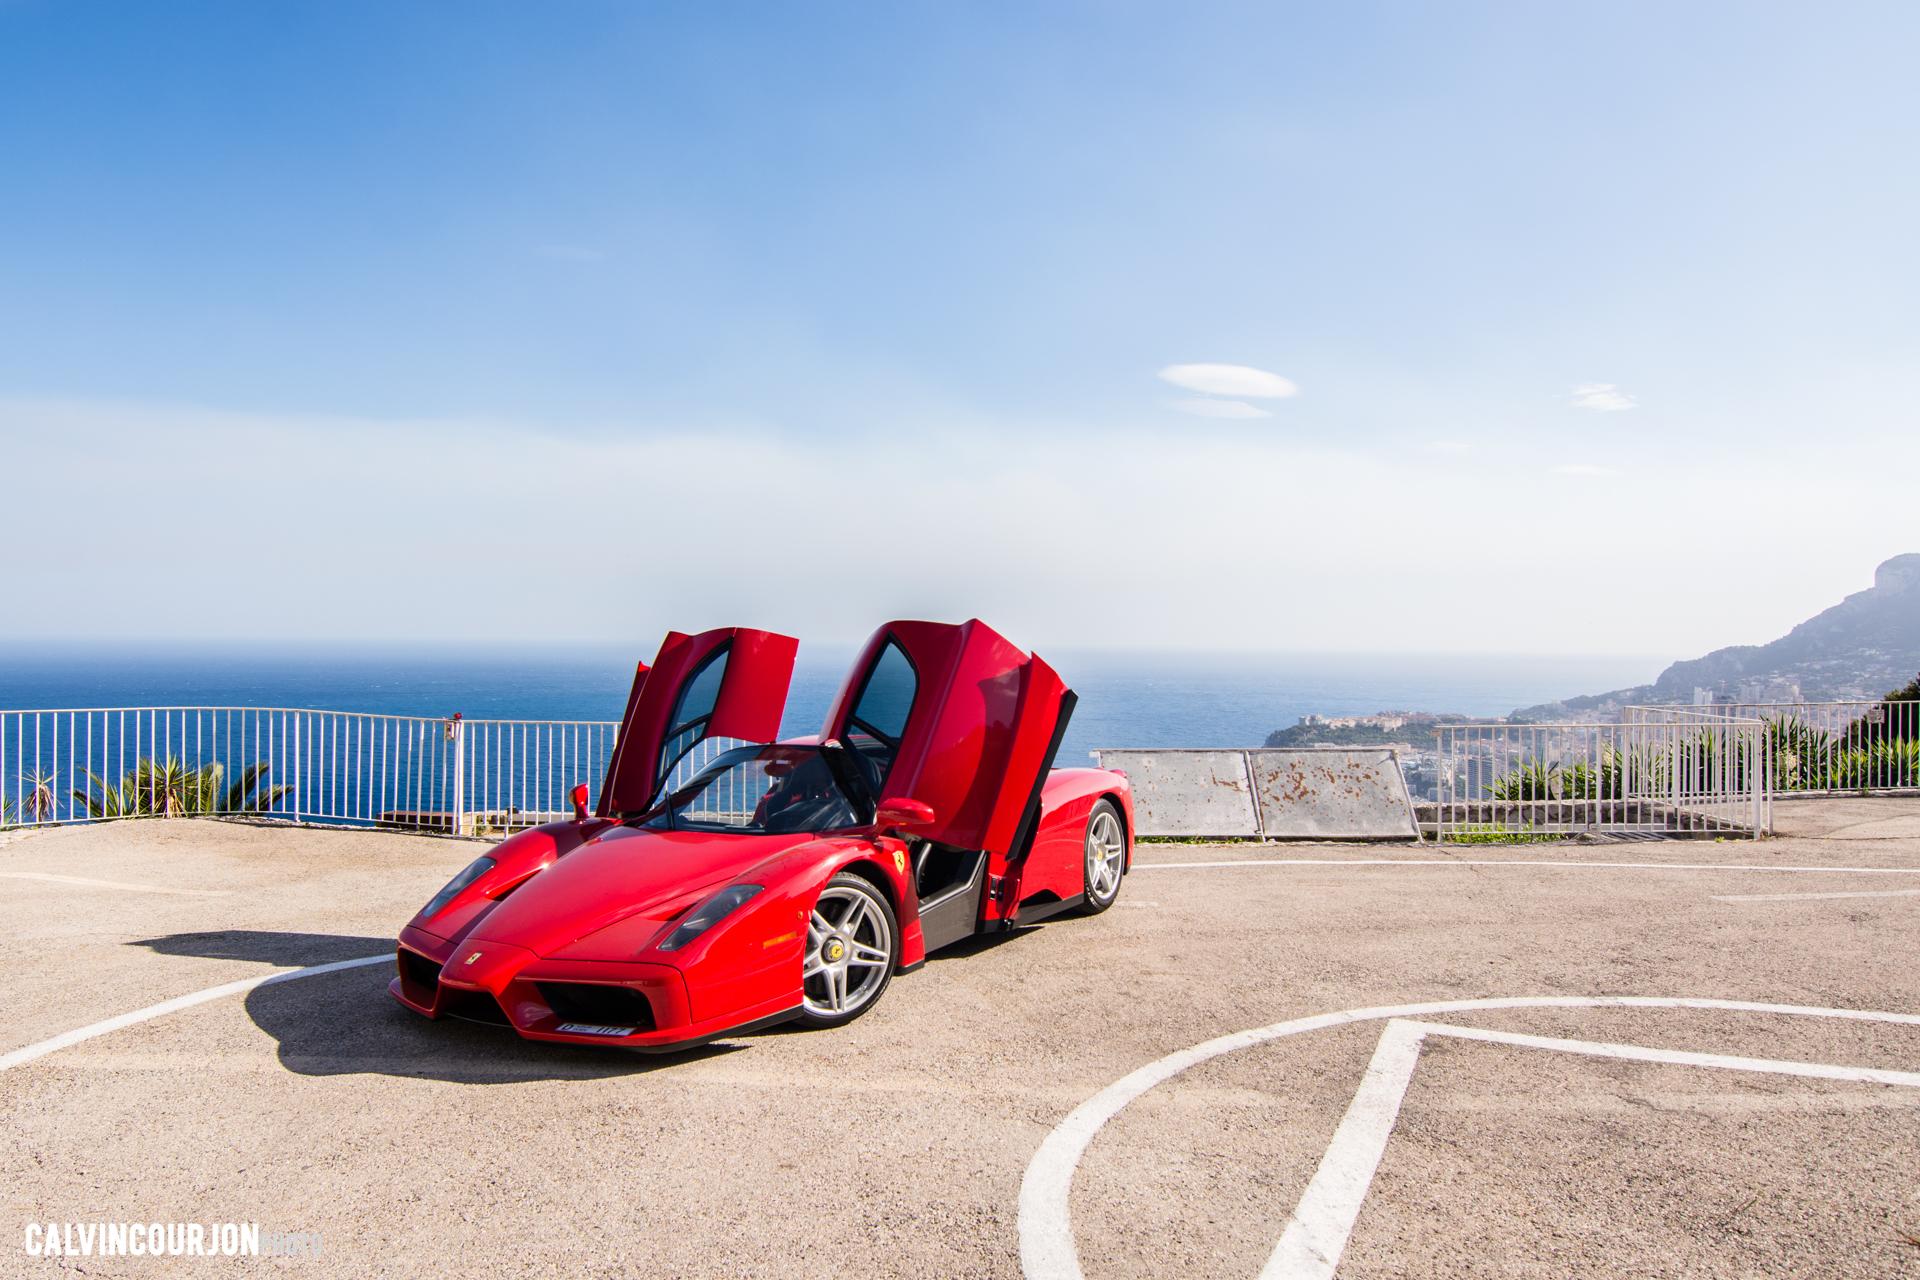 Ferrari Enzo - EPIC pose portes ouvertes - panorama - Cote dAzur - 2015 - Calvin Courjon